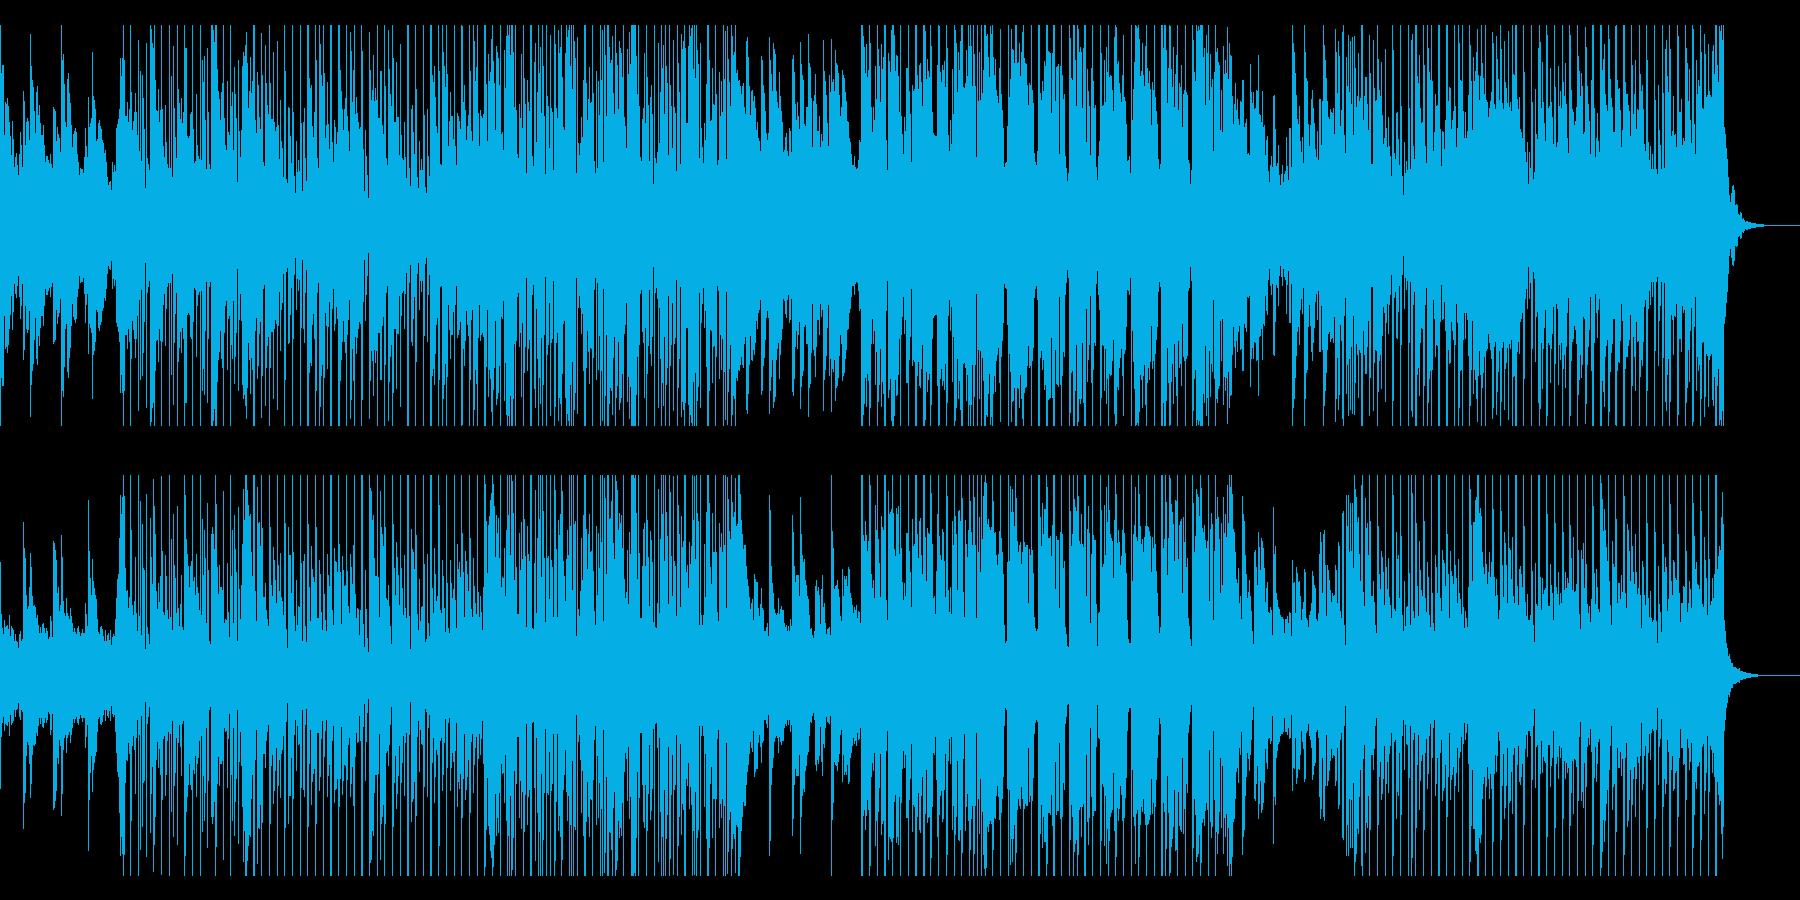 切なく美しい印象のバラードの再生済みの波形